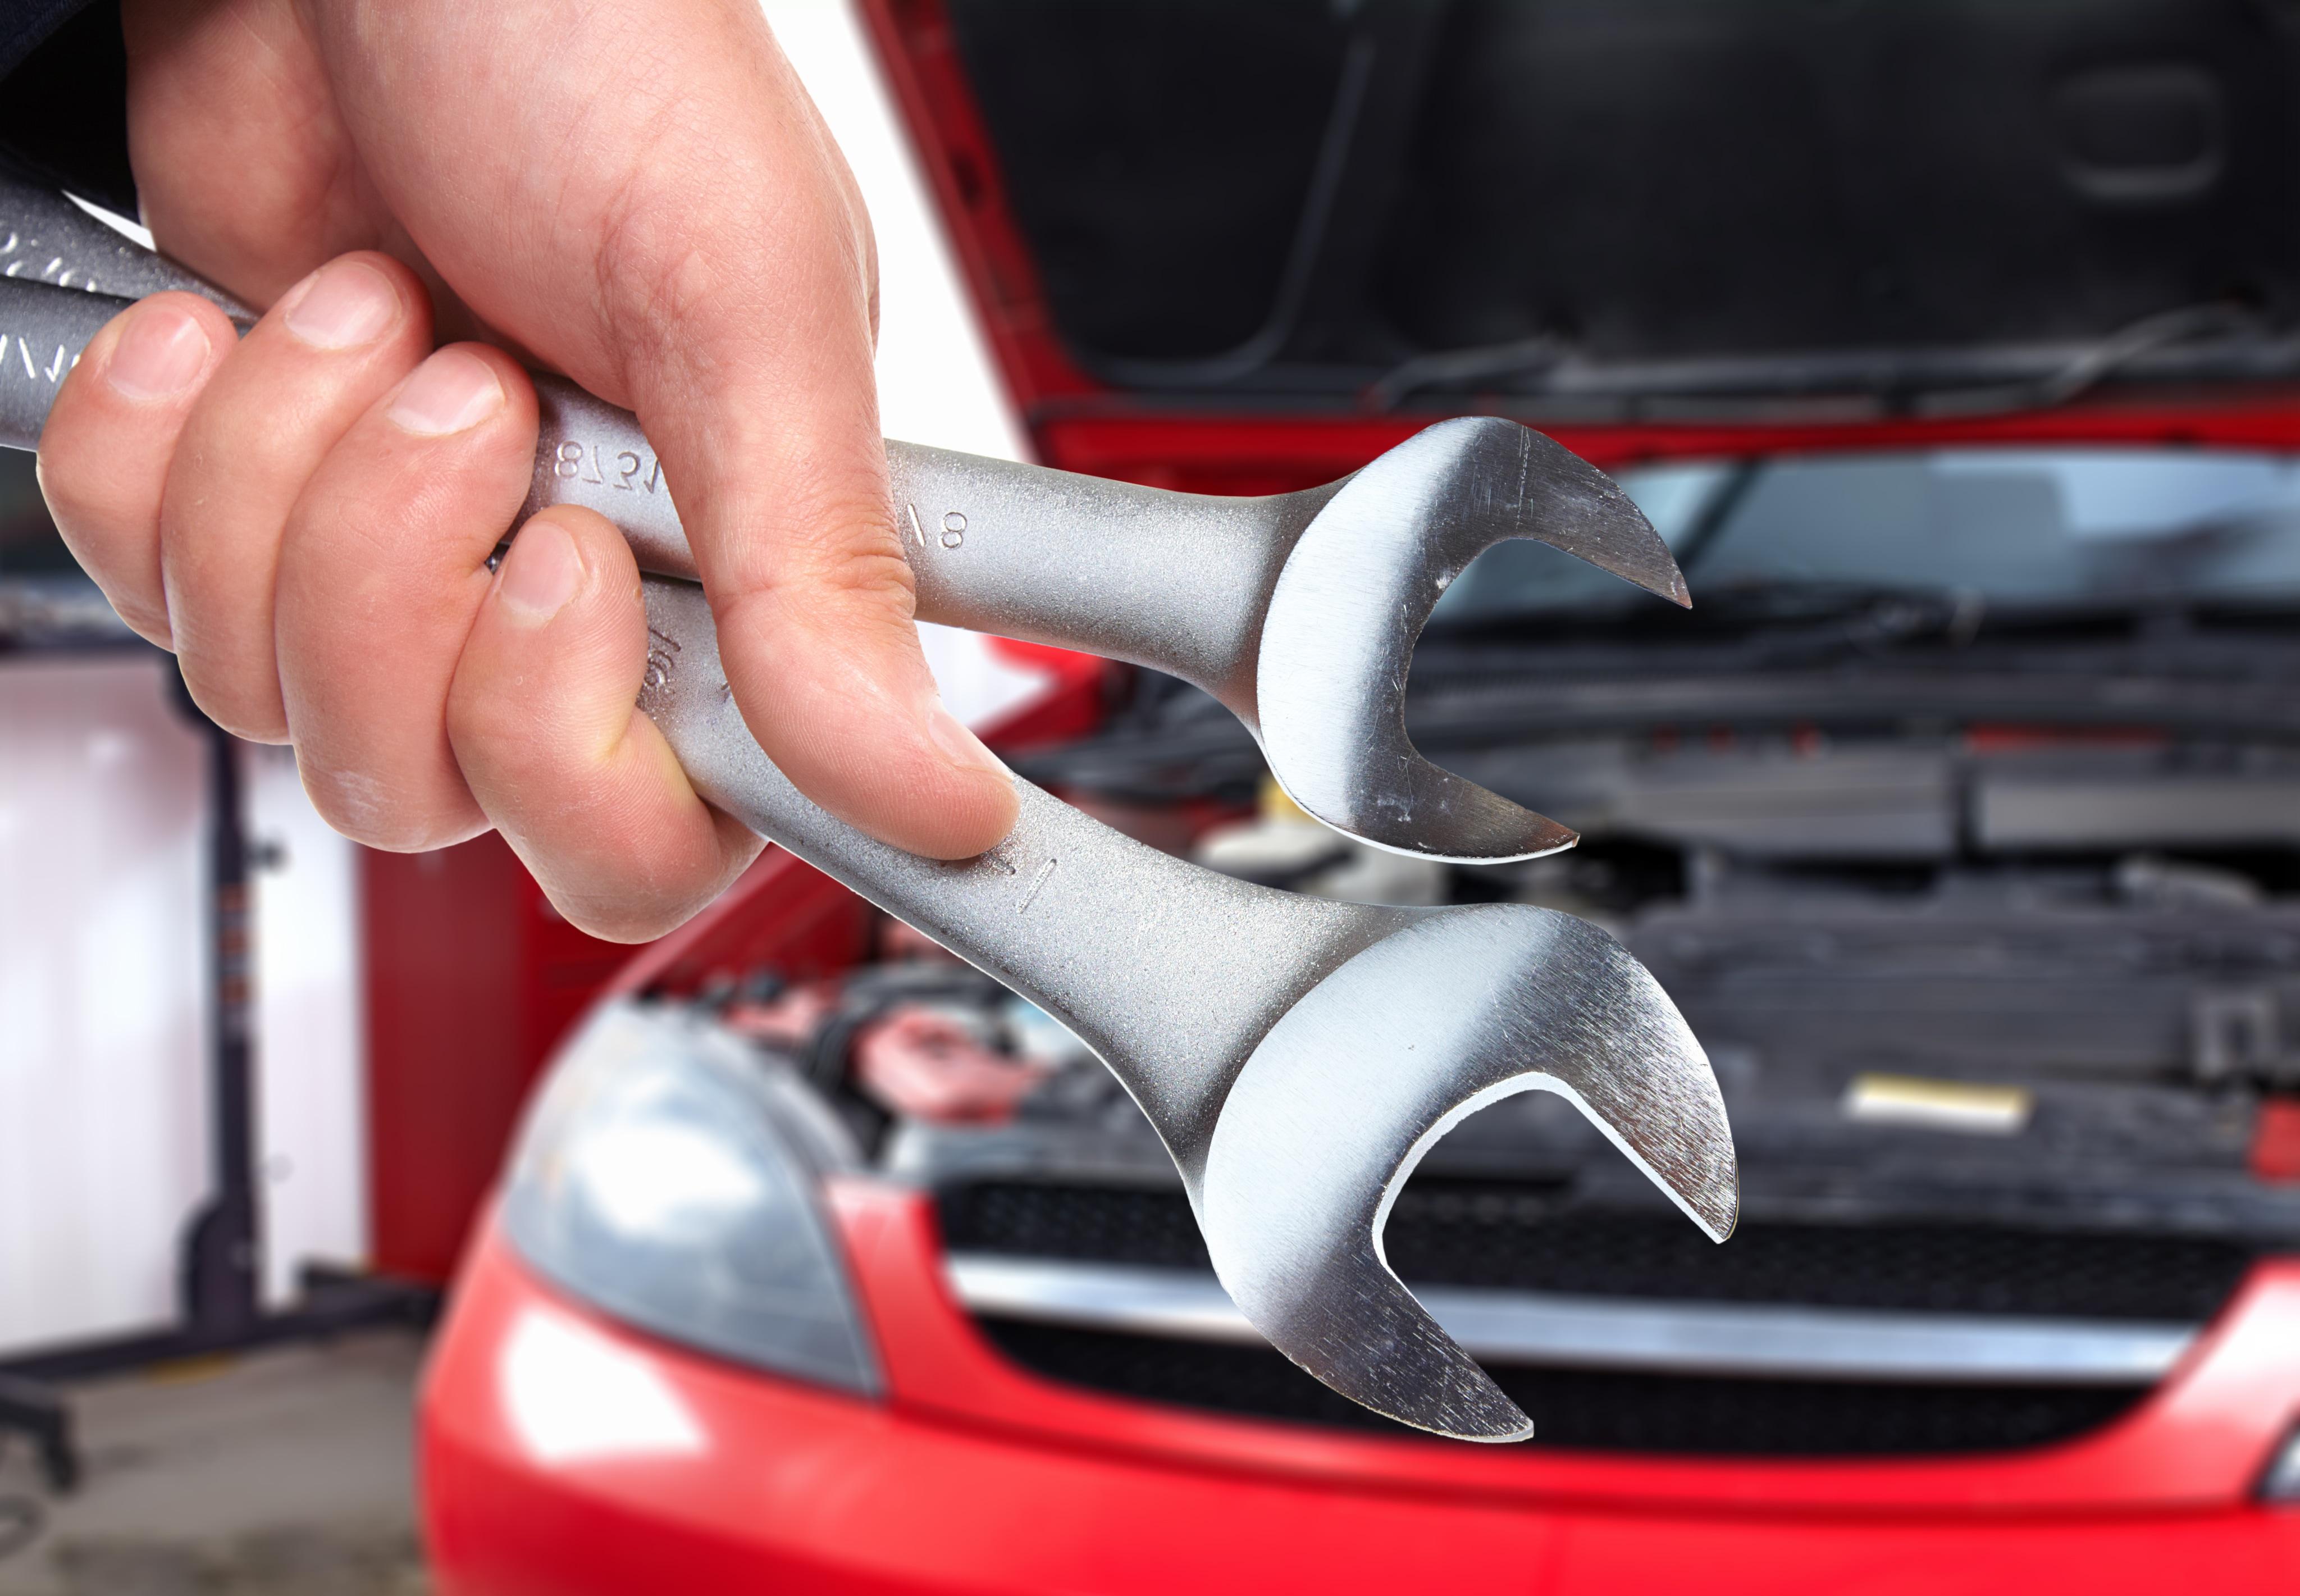 park car dodge ram silver jeep spring chrysler of nearest college used greenbelt new serving dealer darcars laurel